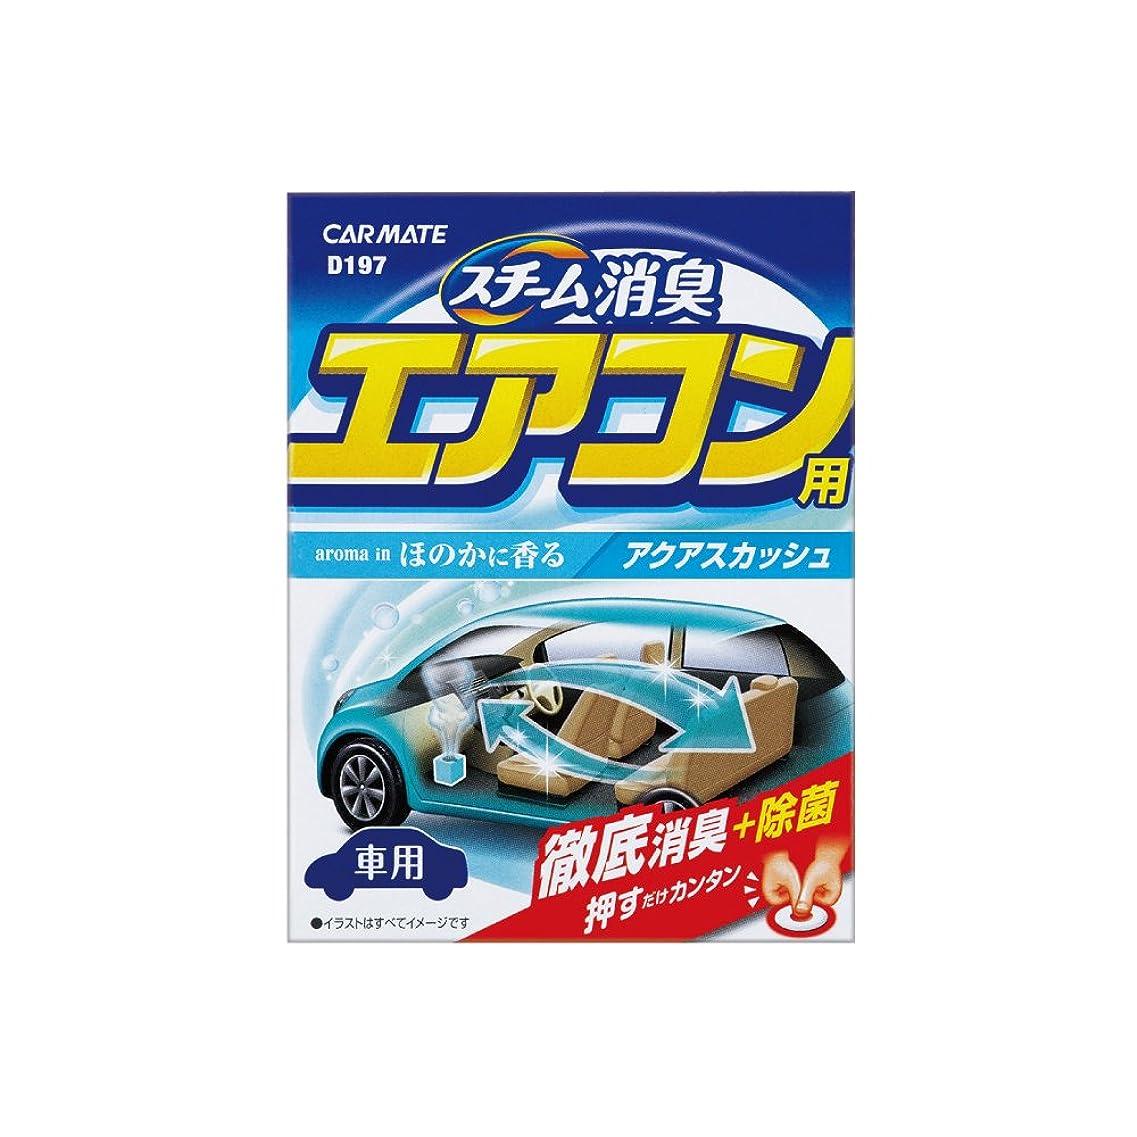 急襲チューインガムインストールカーメイト 車用 除菌消臭剤 スチーム消臭 エアコン用 置き型 アクアスカッシュ 安定化二酸化塩素 20ml D197